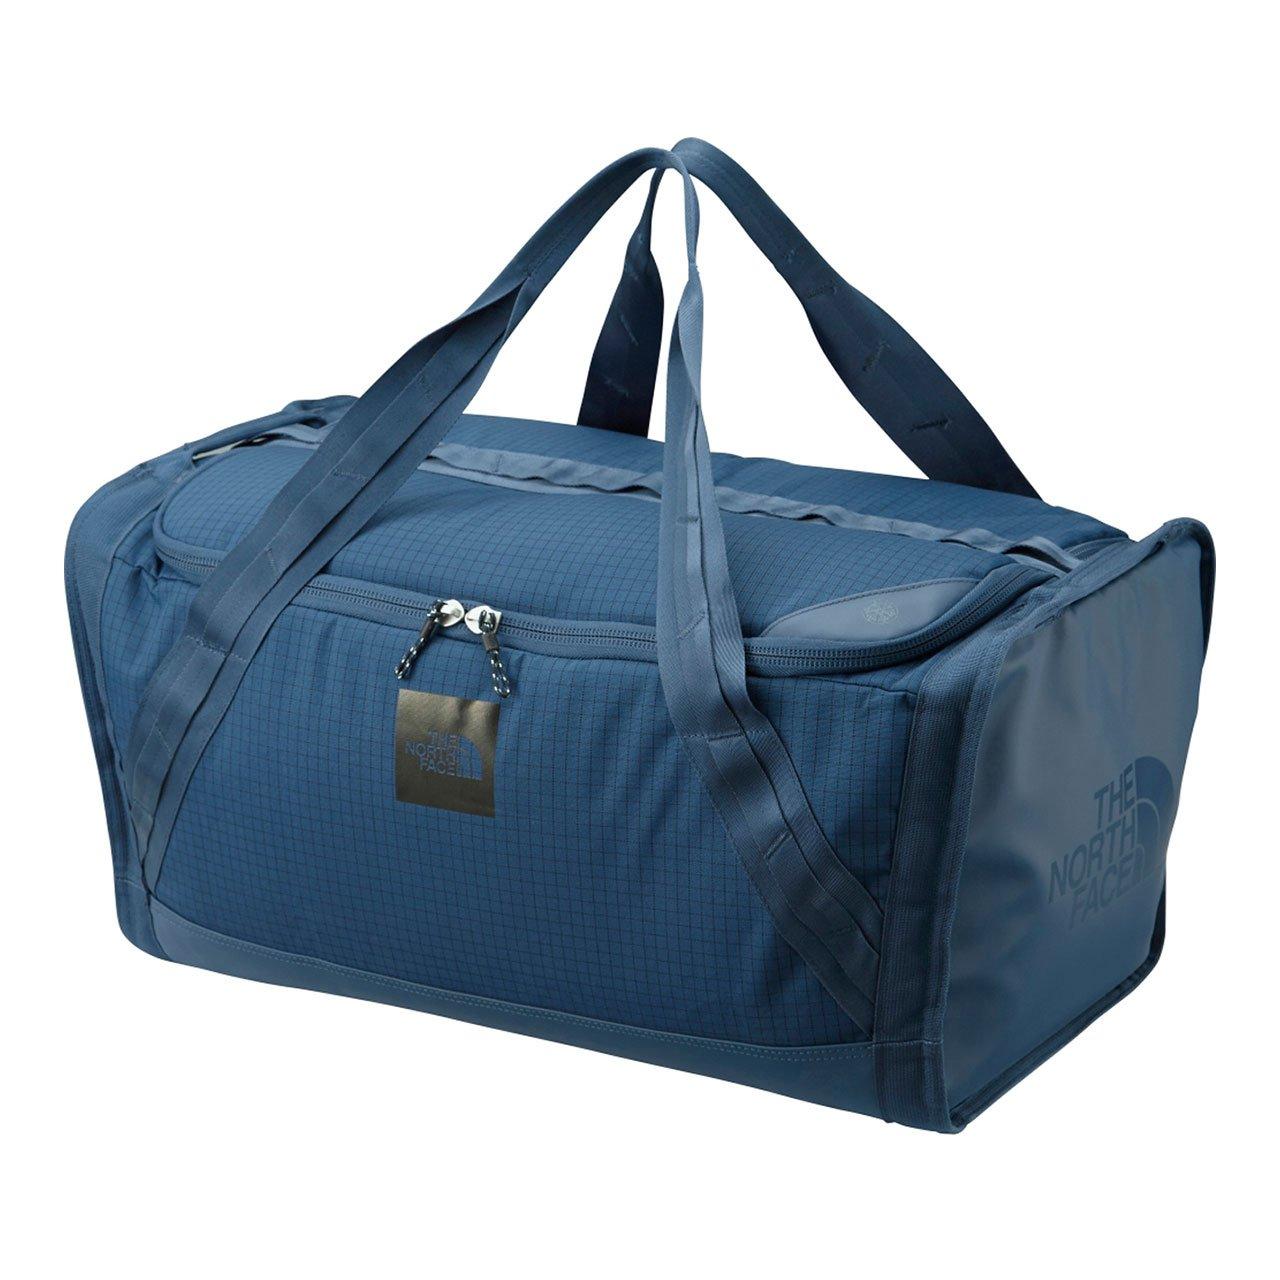 有名なブランド [ザノースフェイス] ボストンバッグ Homestead Snackle Box NM71703 B01JRR1G9U Box B01JRR1G9U Snackle シャディー(SR) シャディー(SR), Casual Option:00276f5e --- mcrisartesanato.com.br